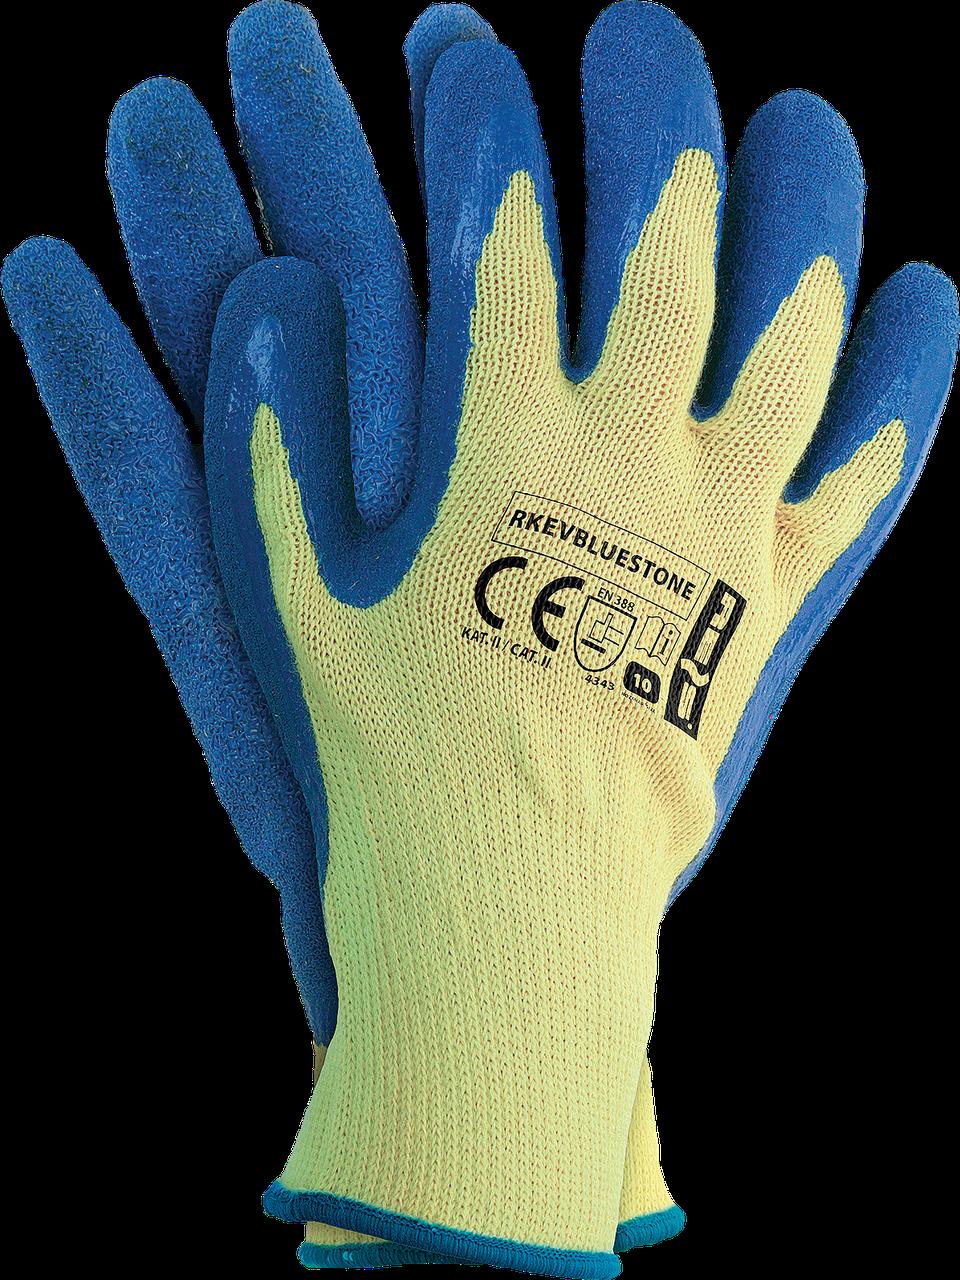 Защитные рукавицы изготовленные из пряжи Кевлар RKEVBLUESTONE YN  покрыты голубым латексом. REIS Польша